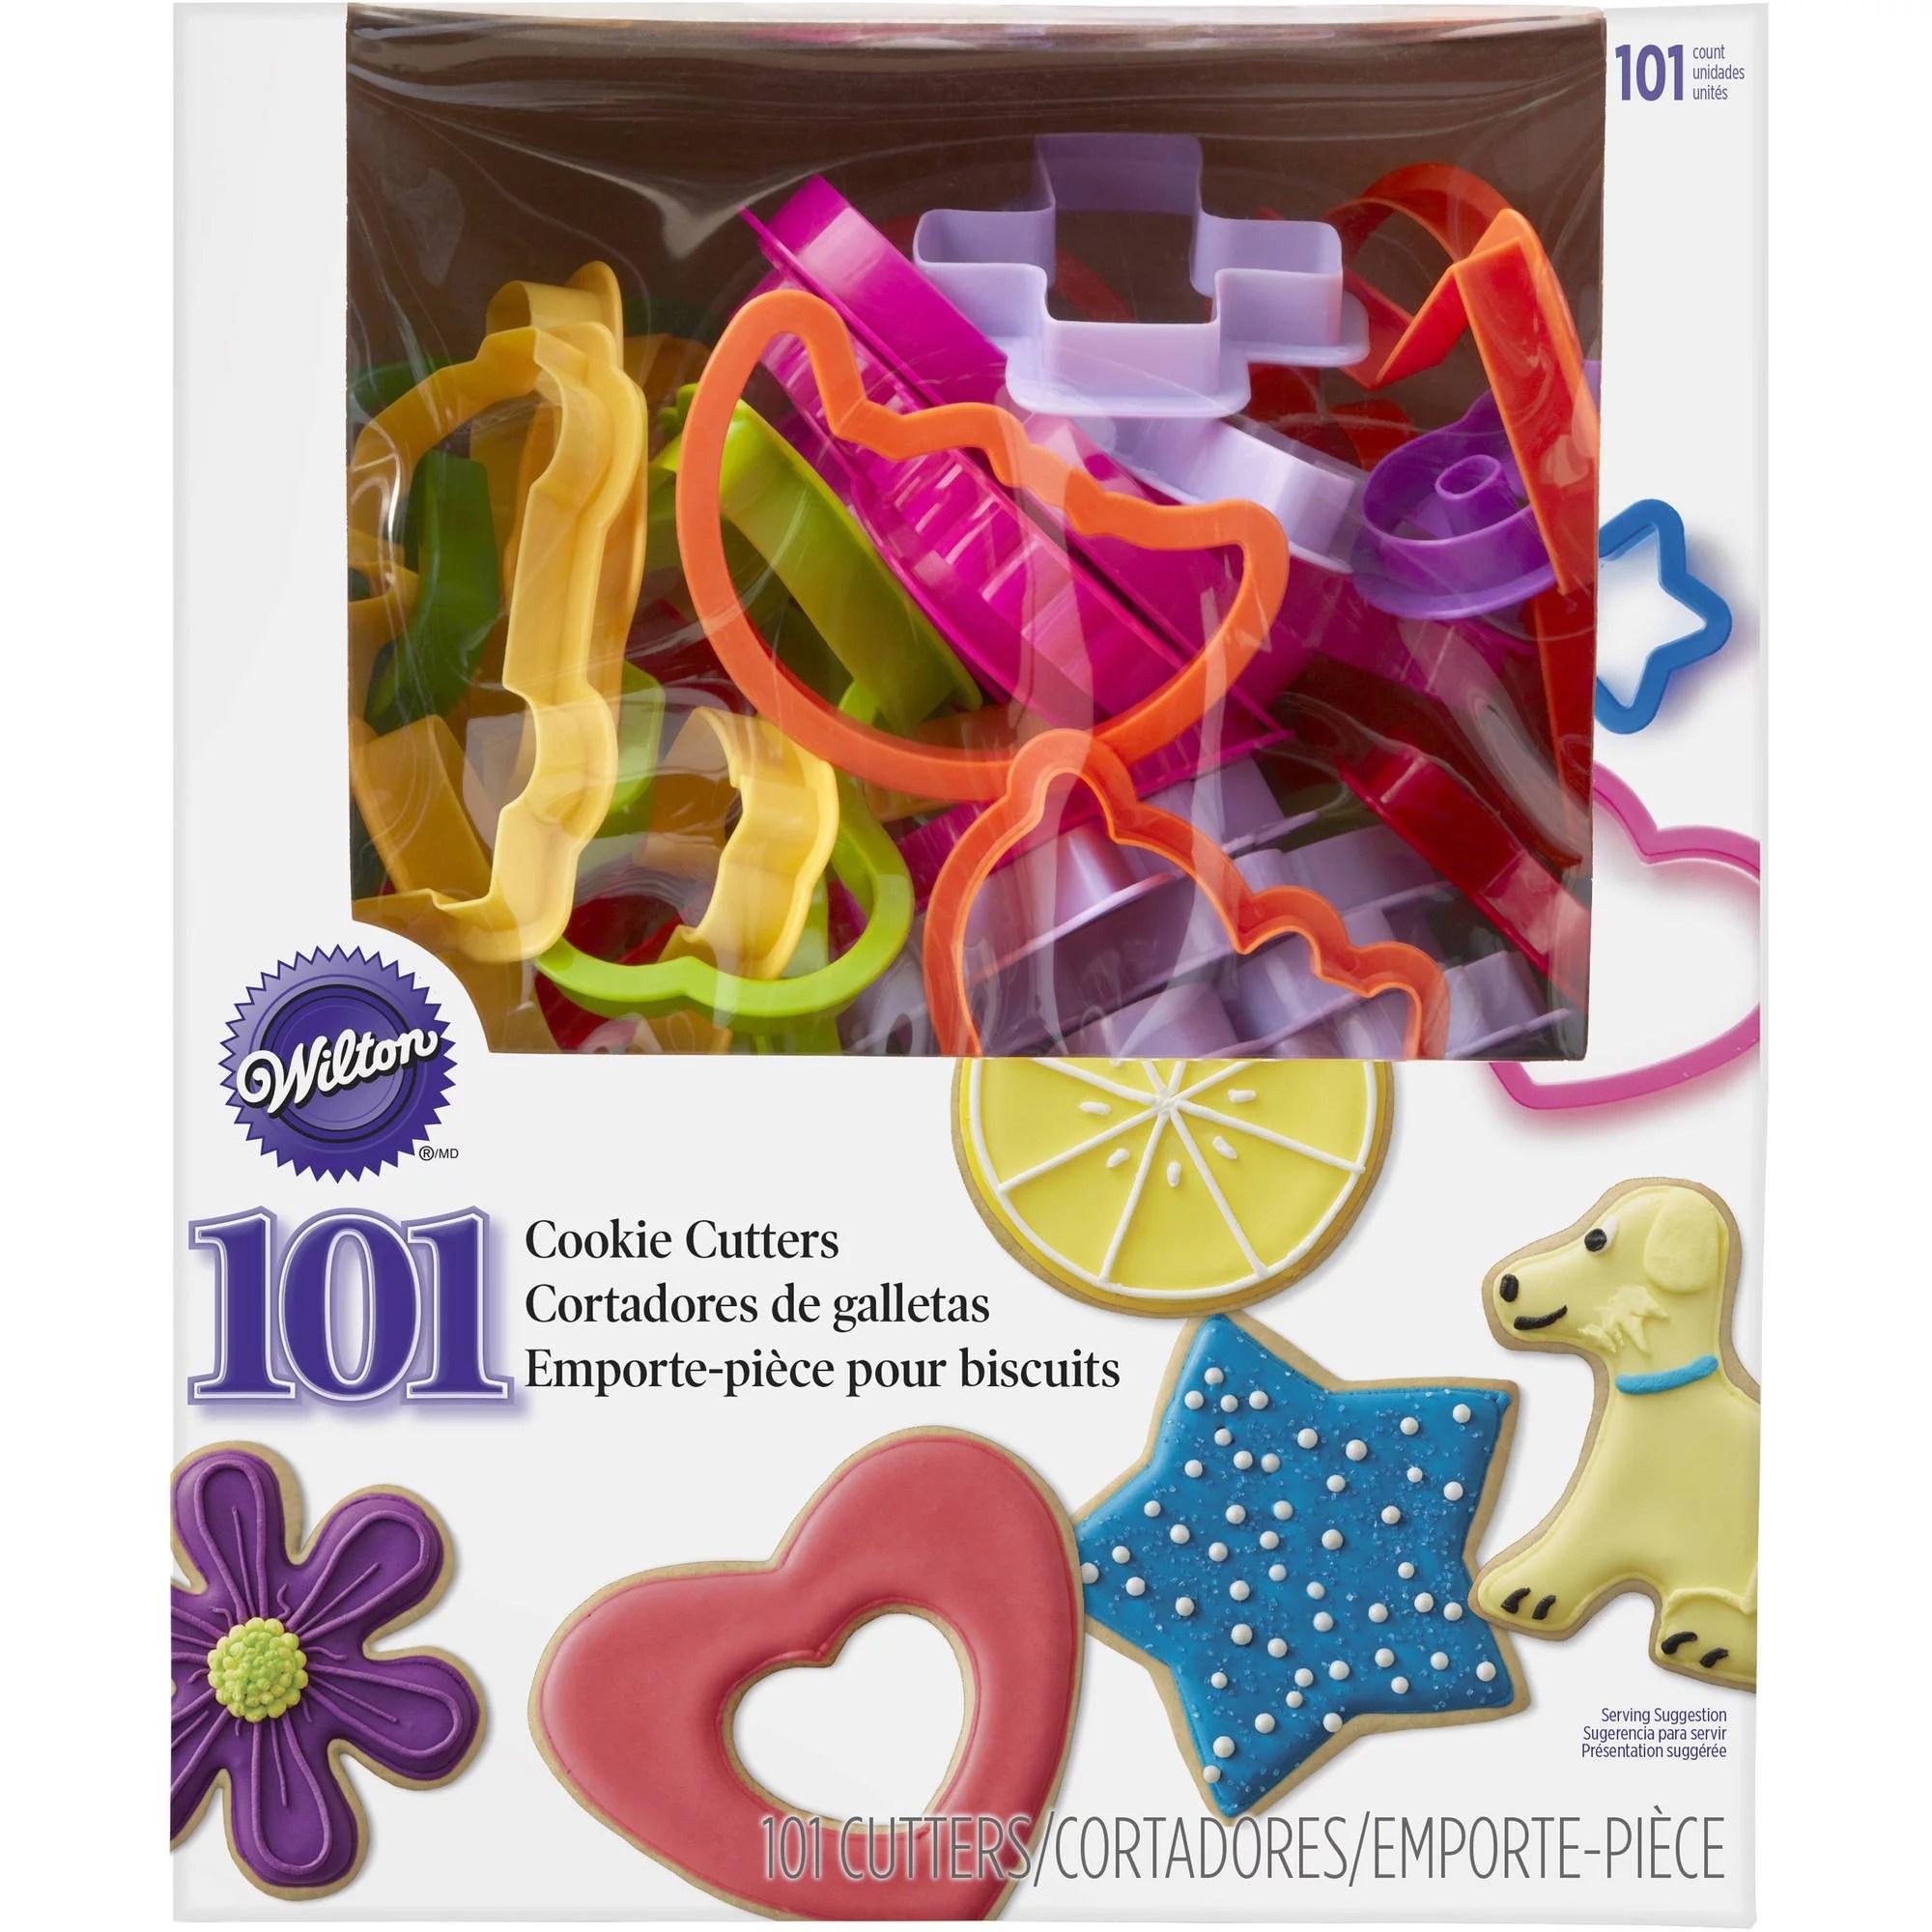 Wilton Plastic Cookie Cutter Set 101Piece Kit ABC 123 Shapes  Walmartcom